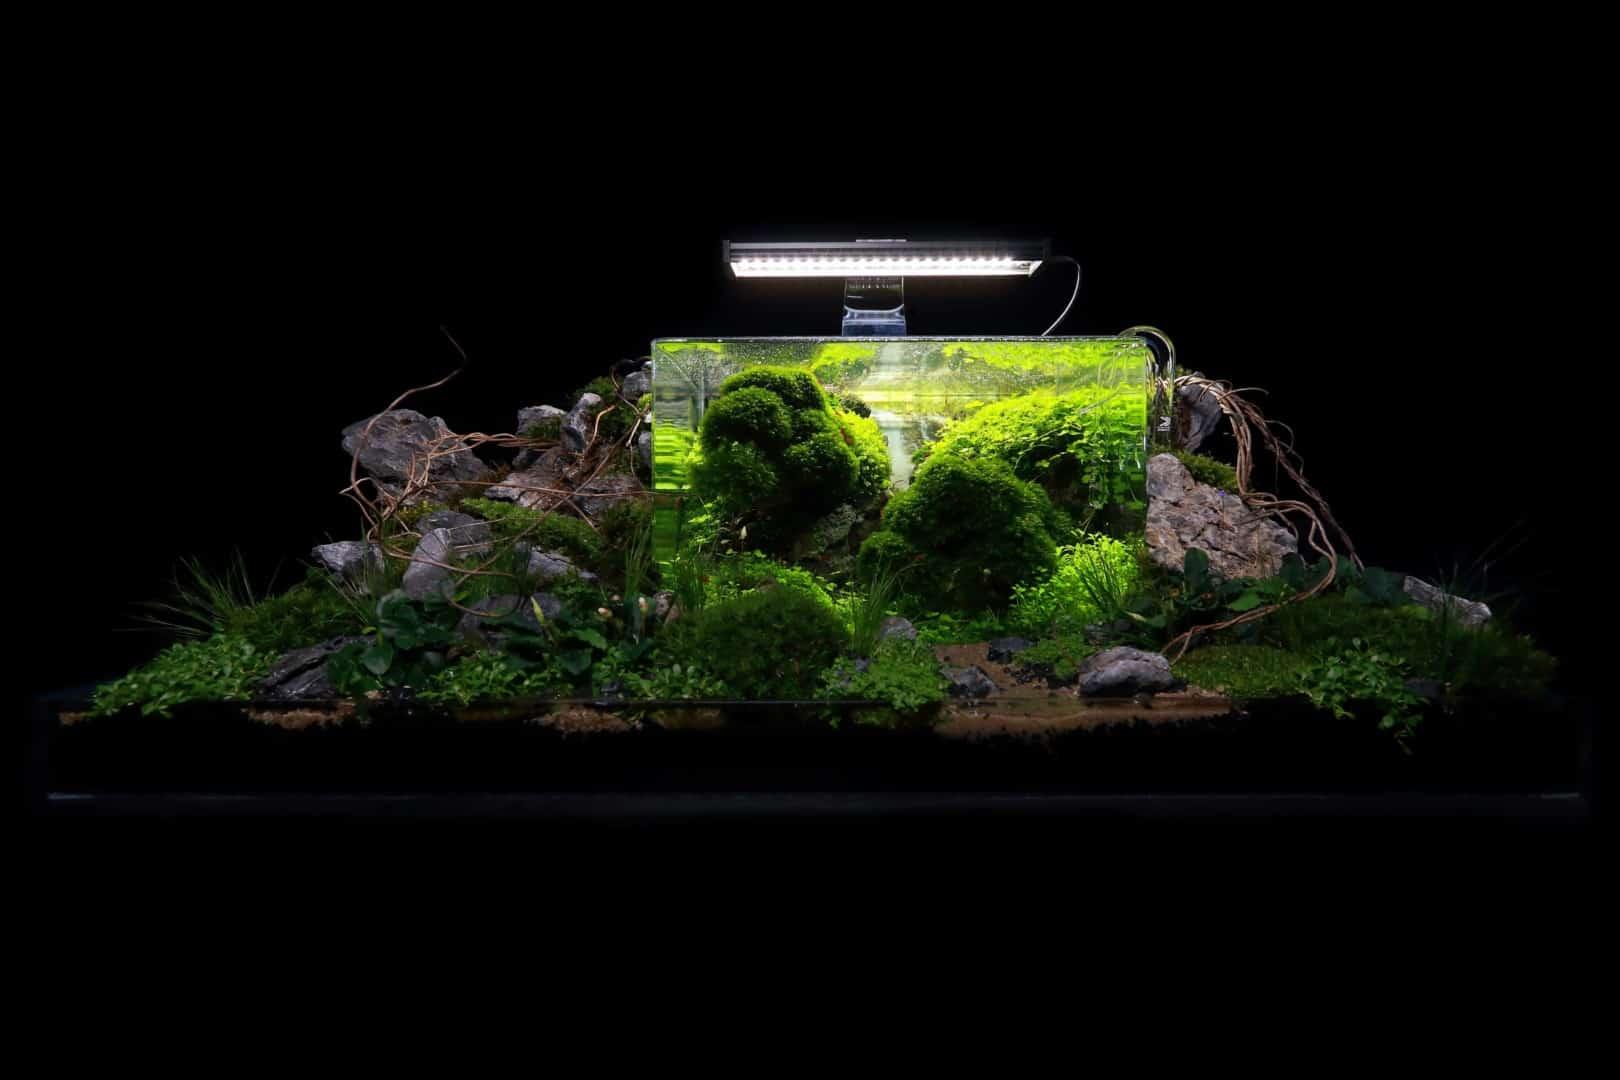 191 - The Art of the Planted Aquarium - Neuheiten und Möglichkeiten zum Mitmachen im April 2019 (Stefanie Hesse) 12